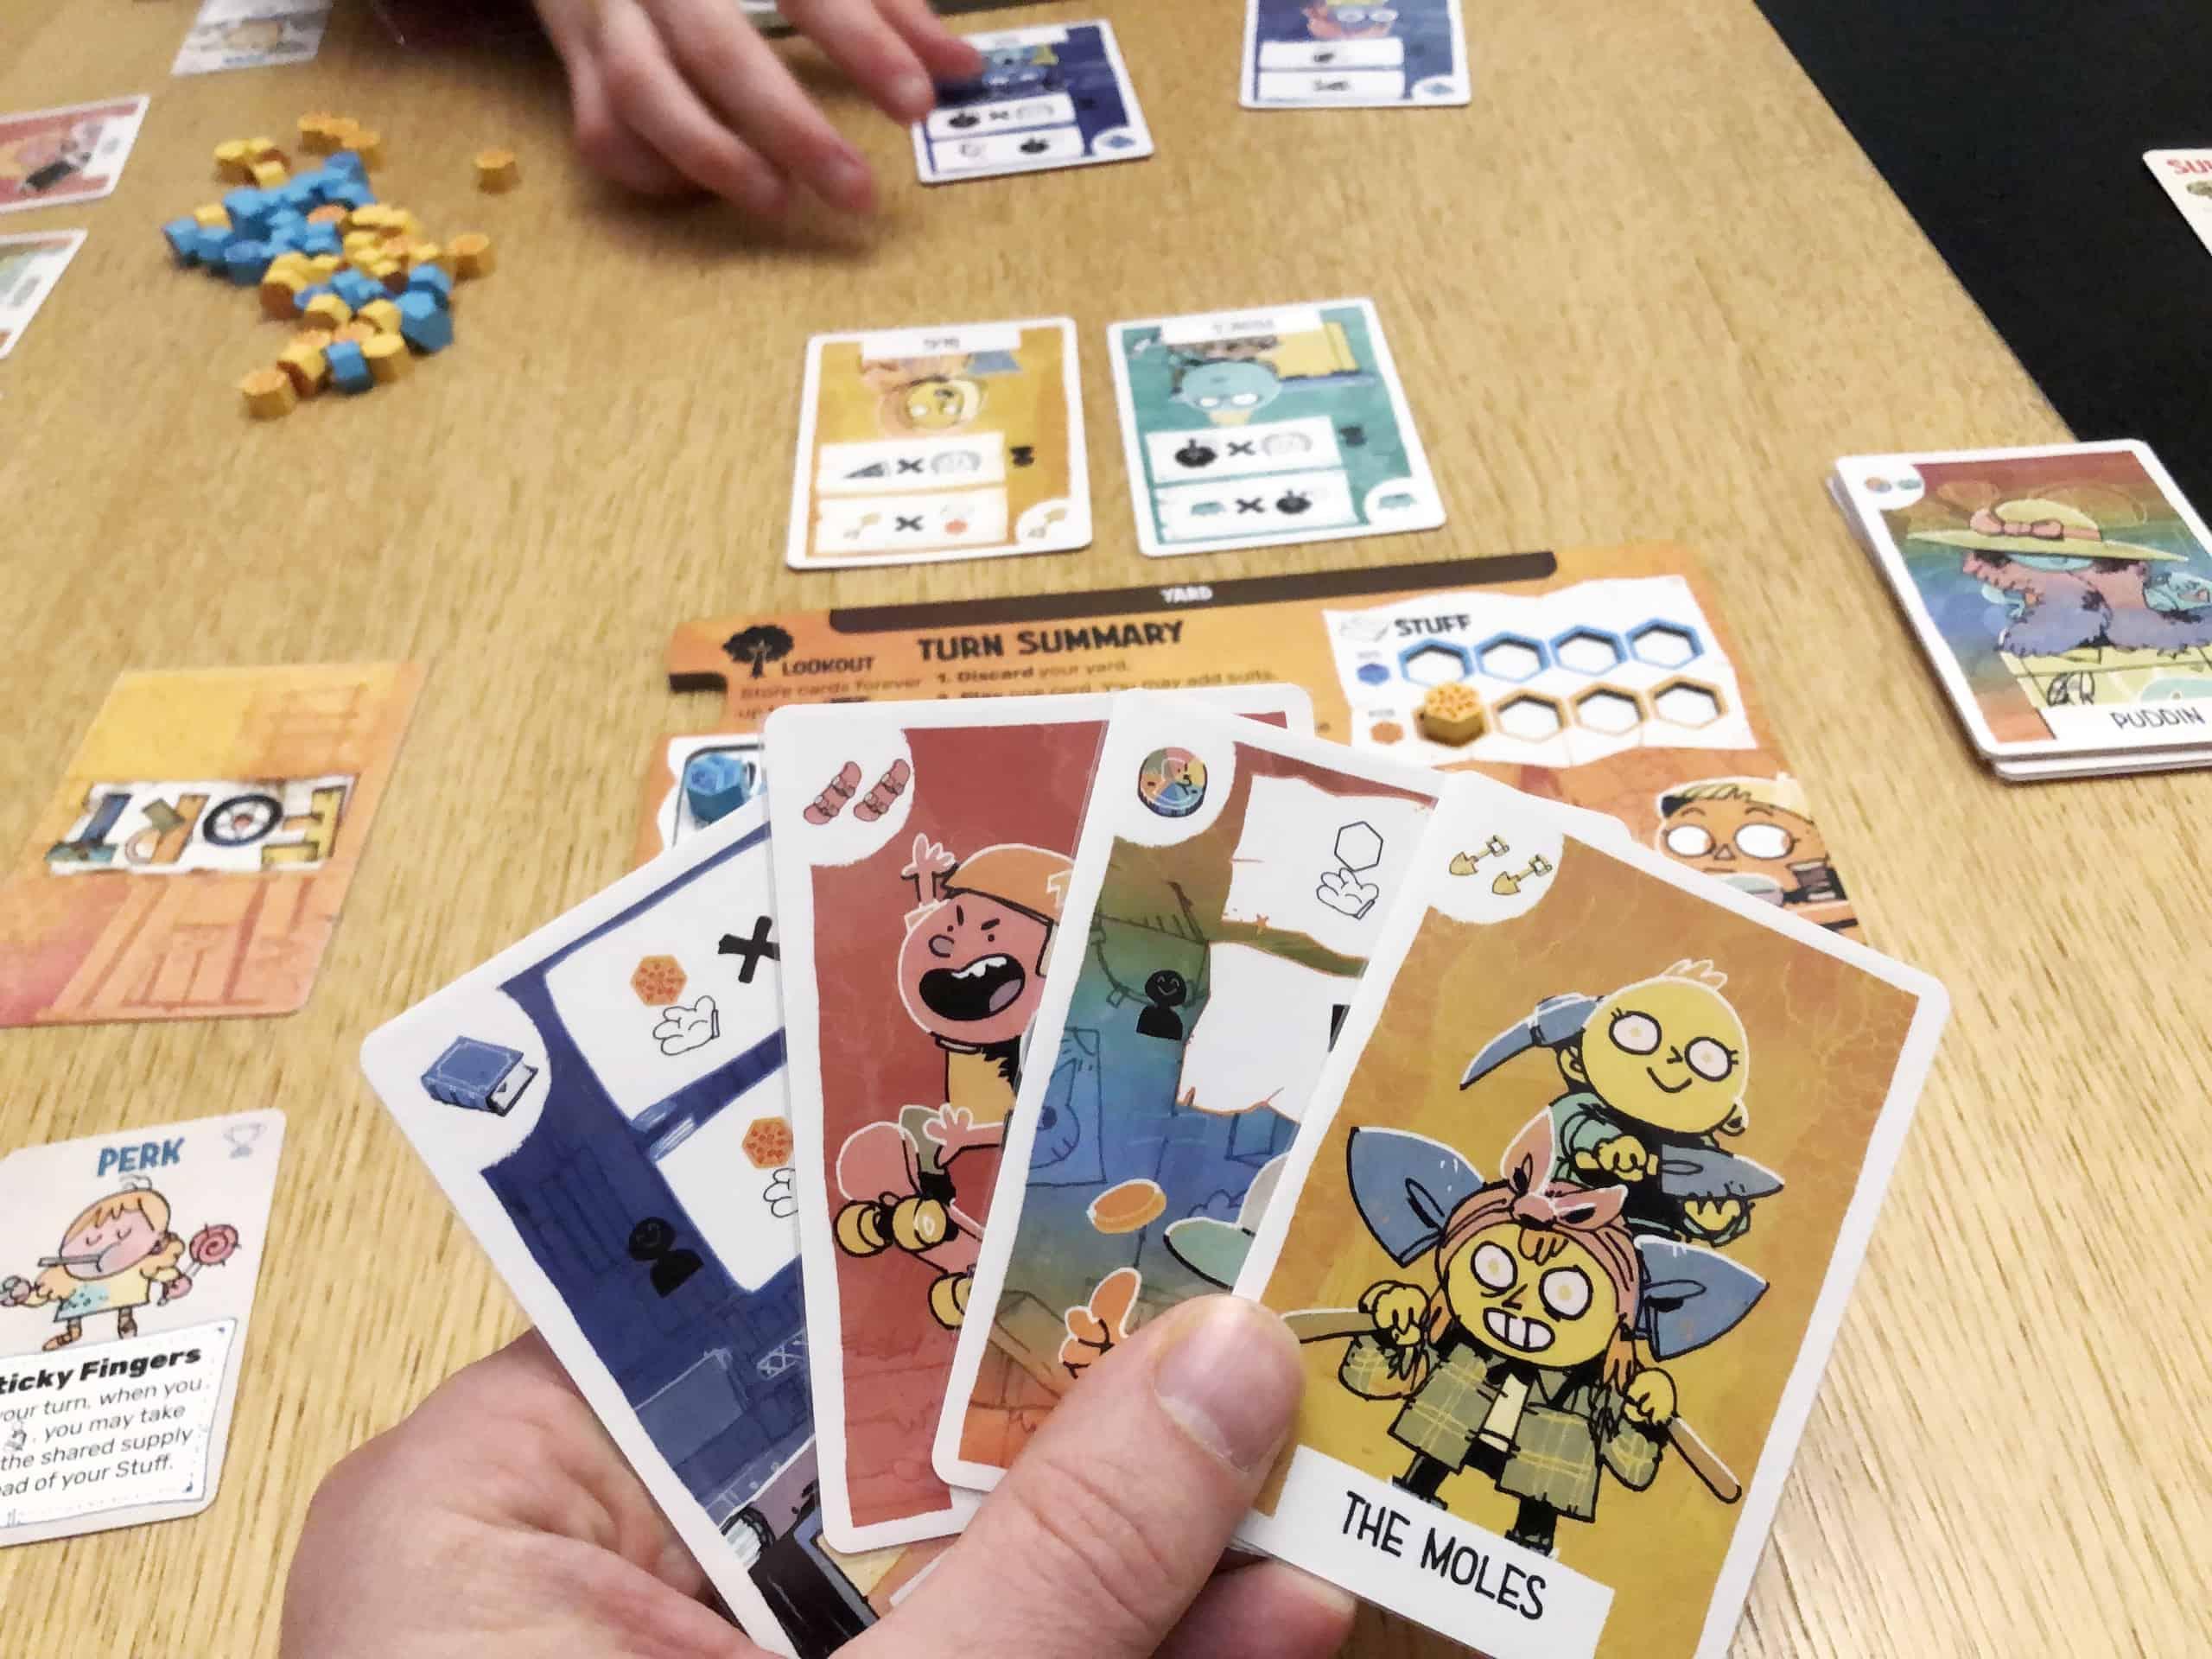 Neljä korttia kädessä, taustalla pelilauta